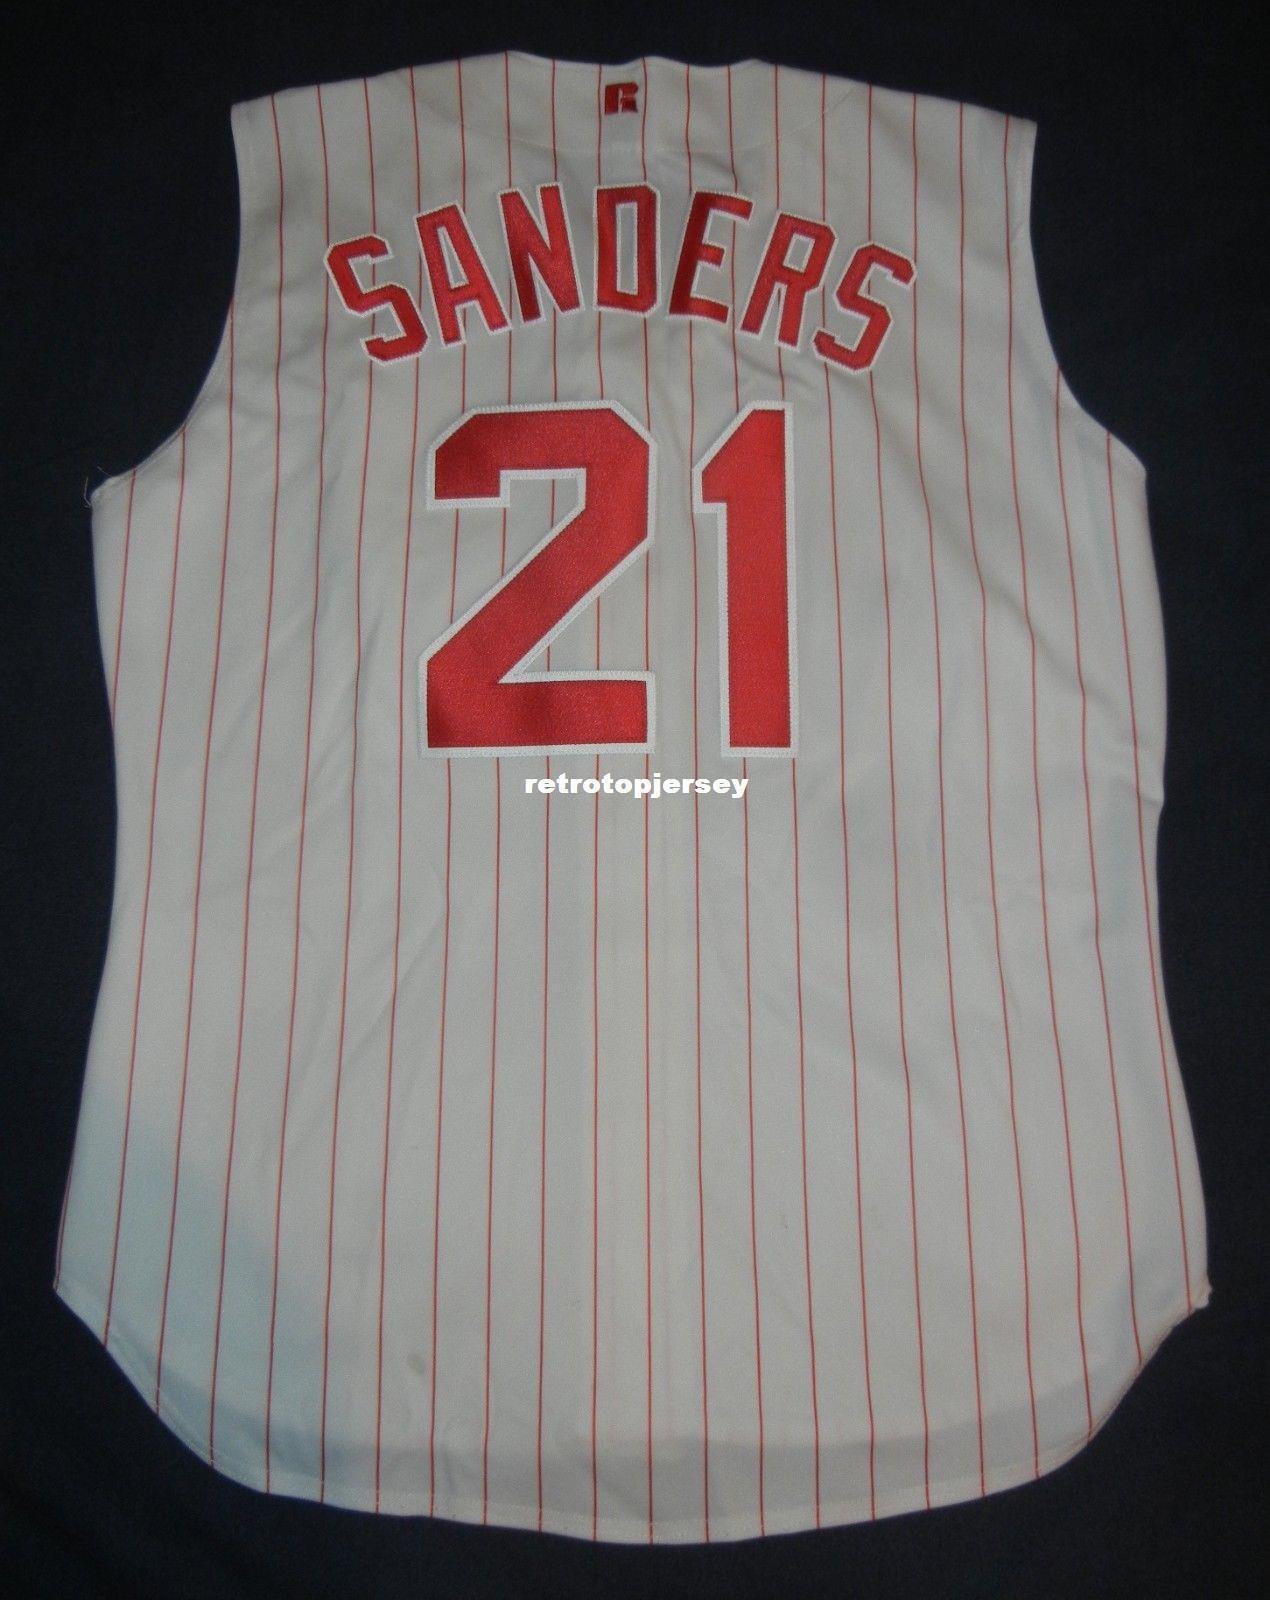 cheap deion sanders jersey